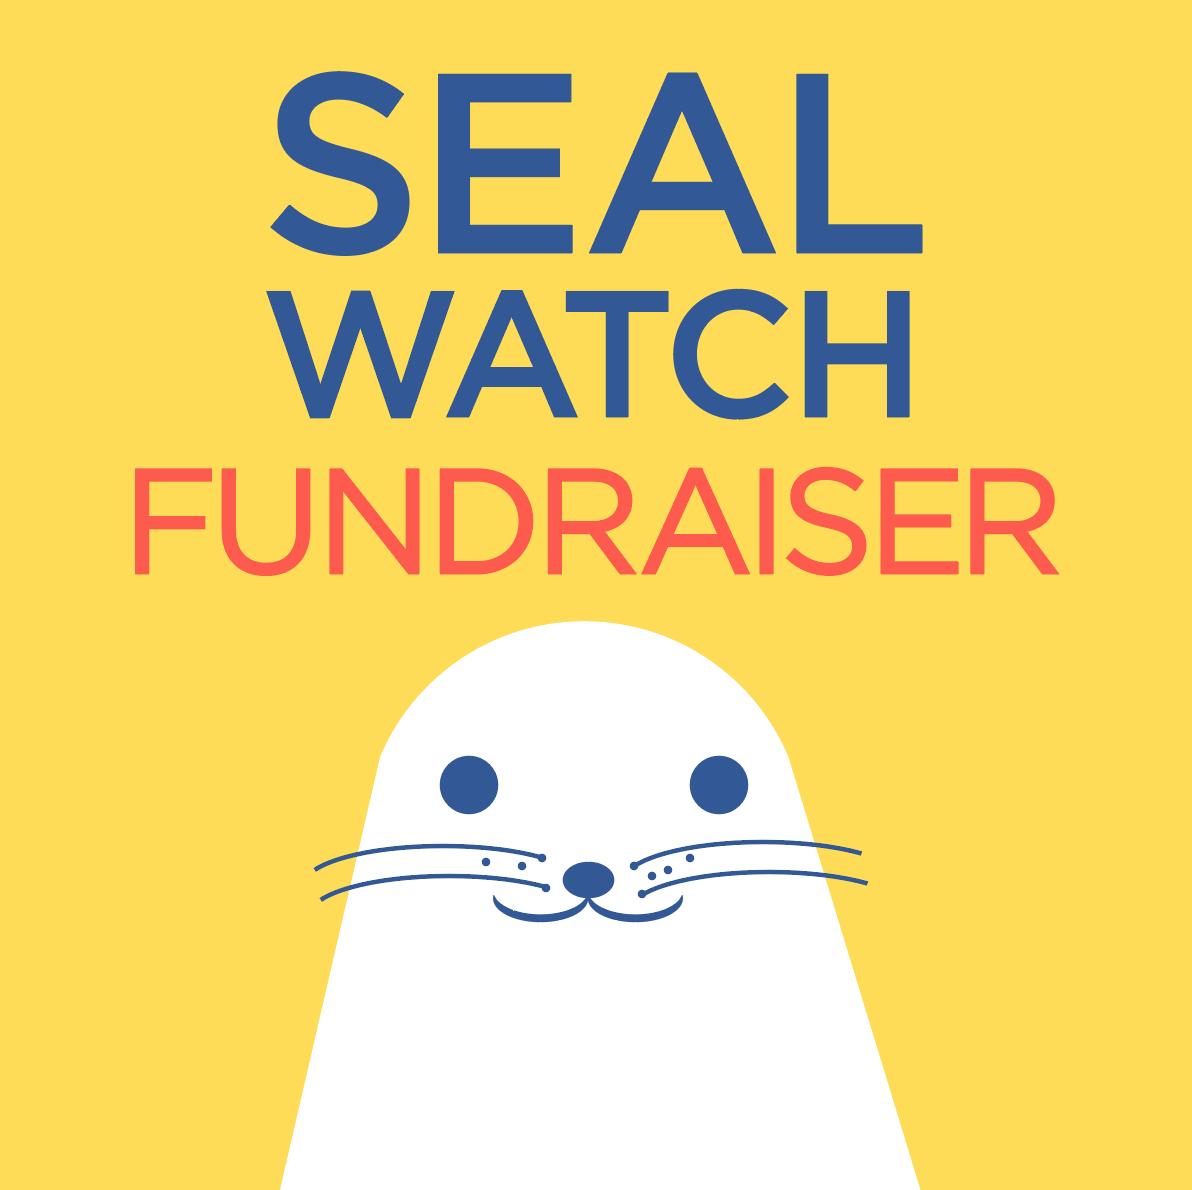 Seal Watch Fundraiser